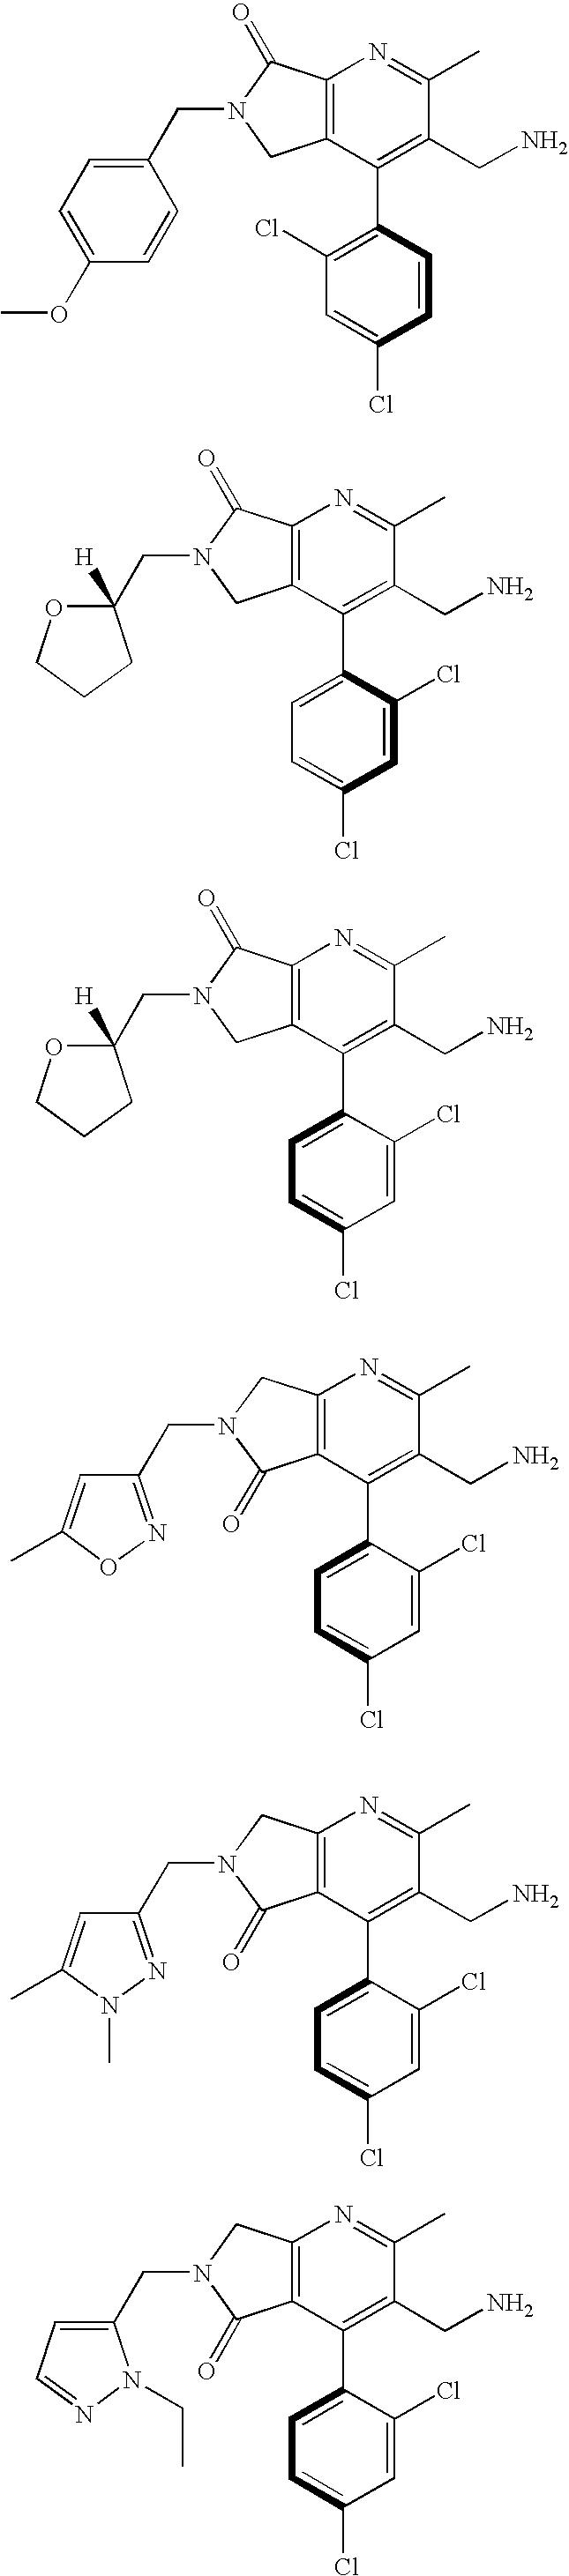 Figure US07521557-20090421-C00321